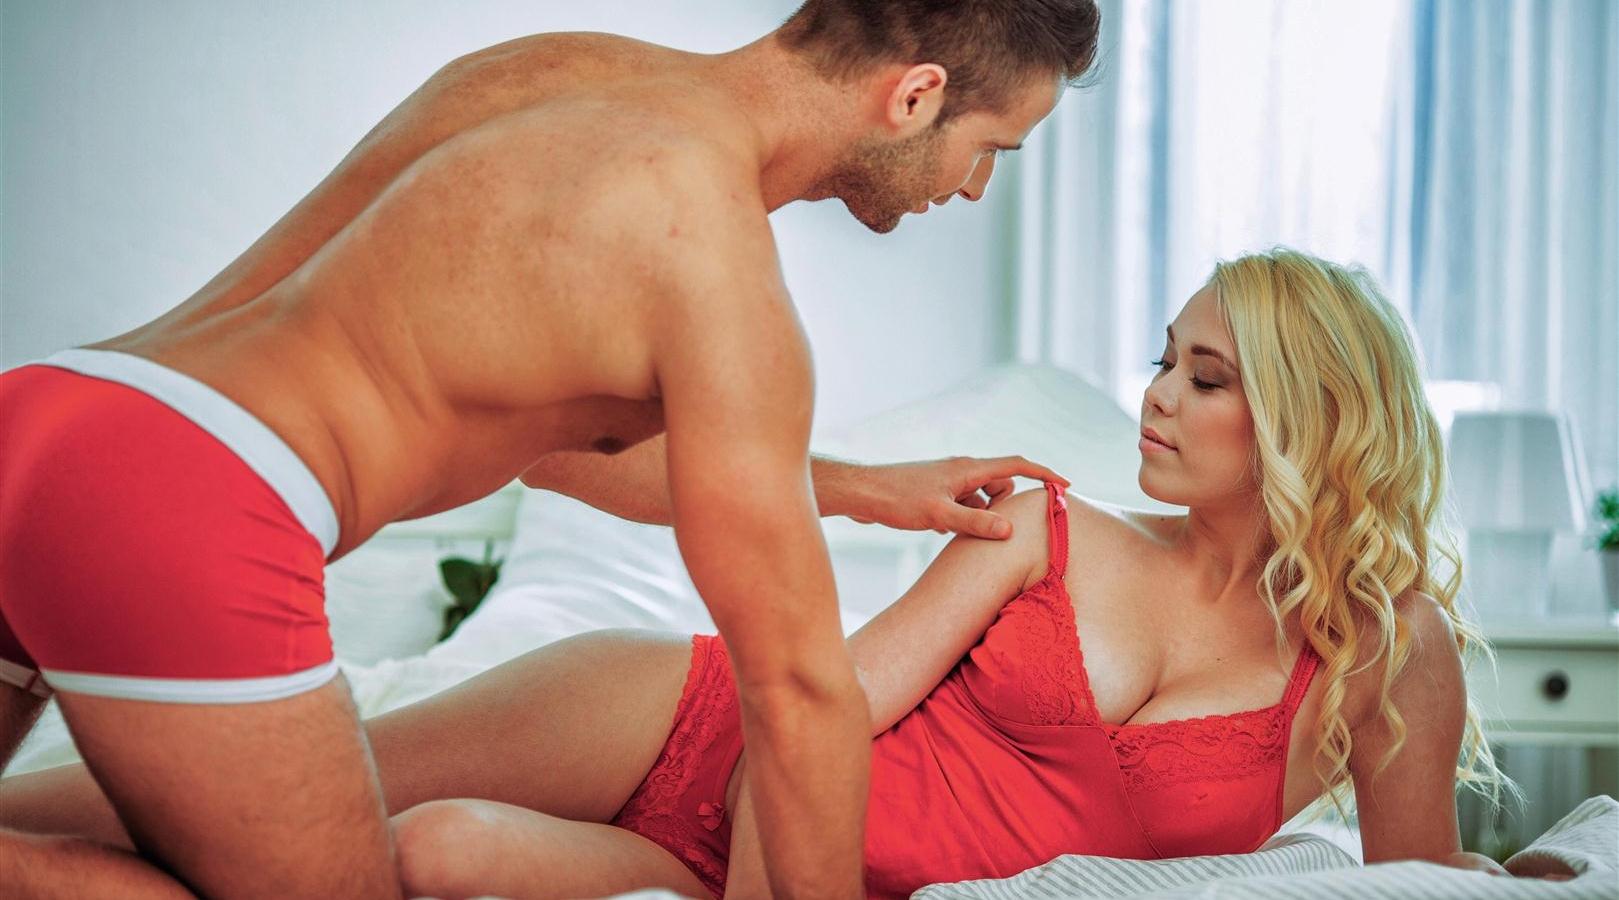 giochi erotici per la coppia cerco il vero amore